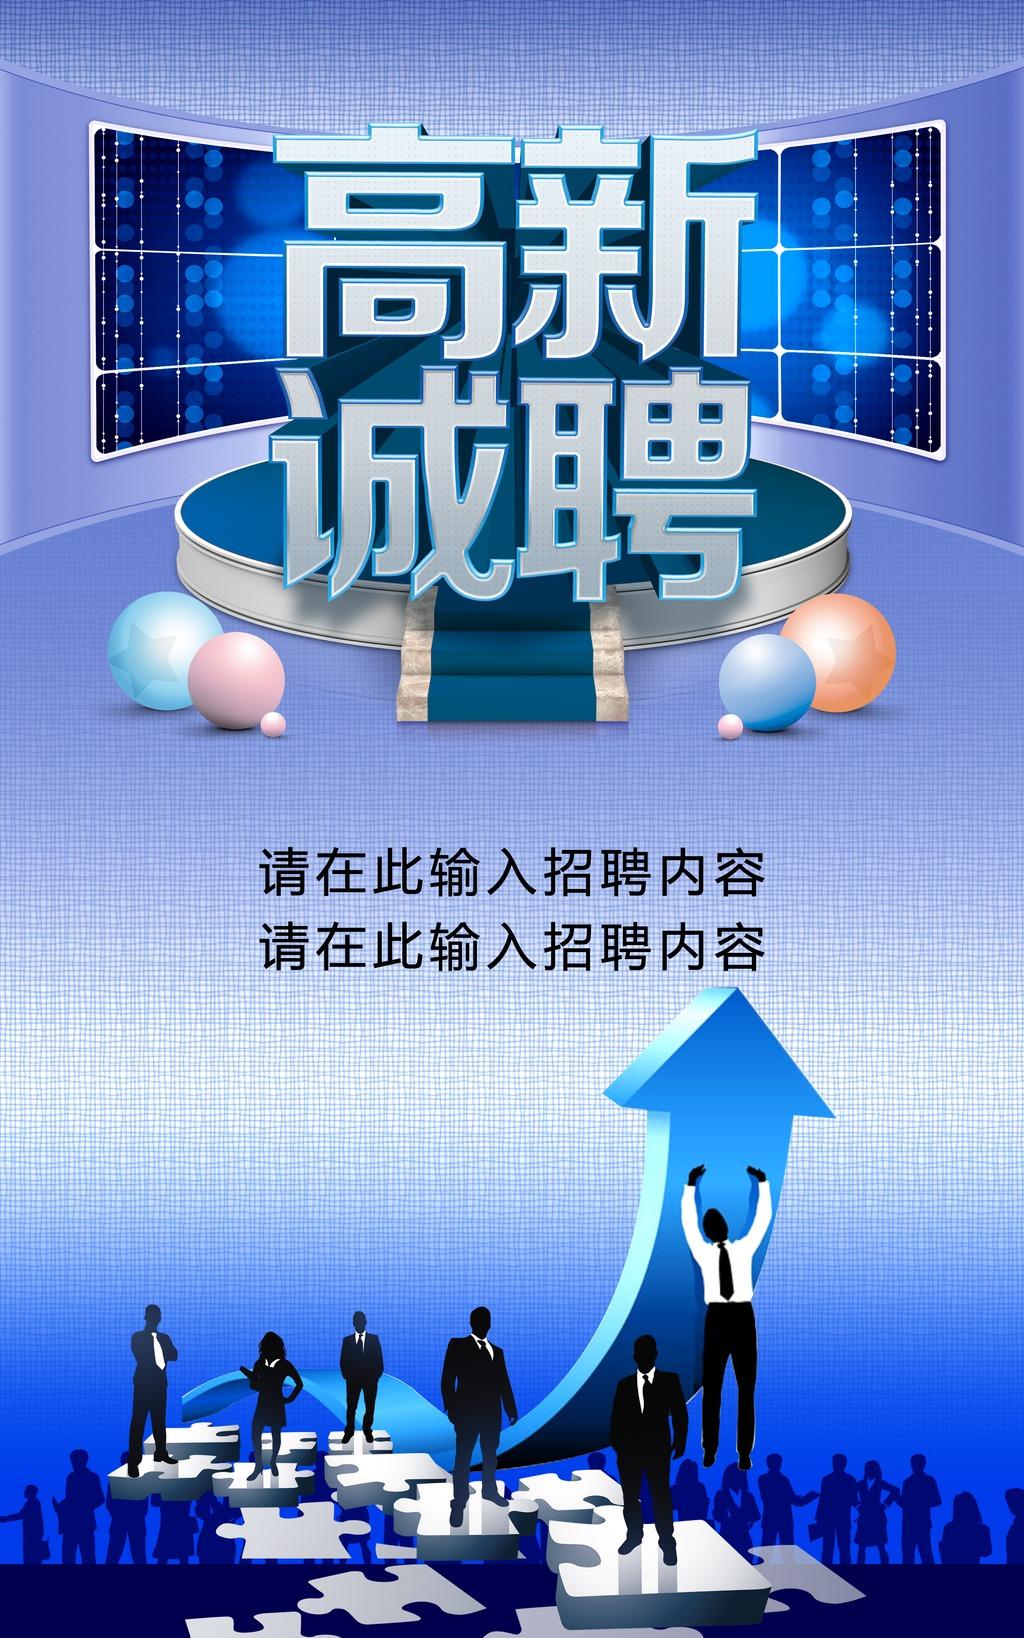 企业招聘宣传海报模板下载(图片编号:11884579)